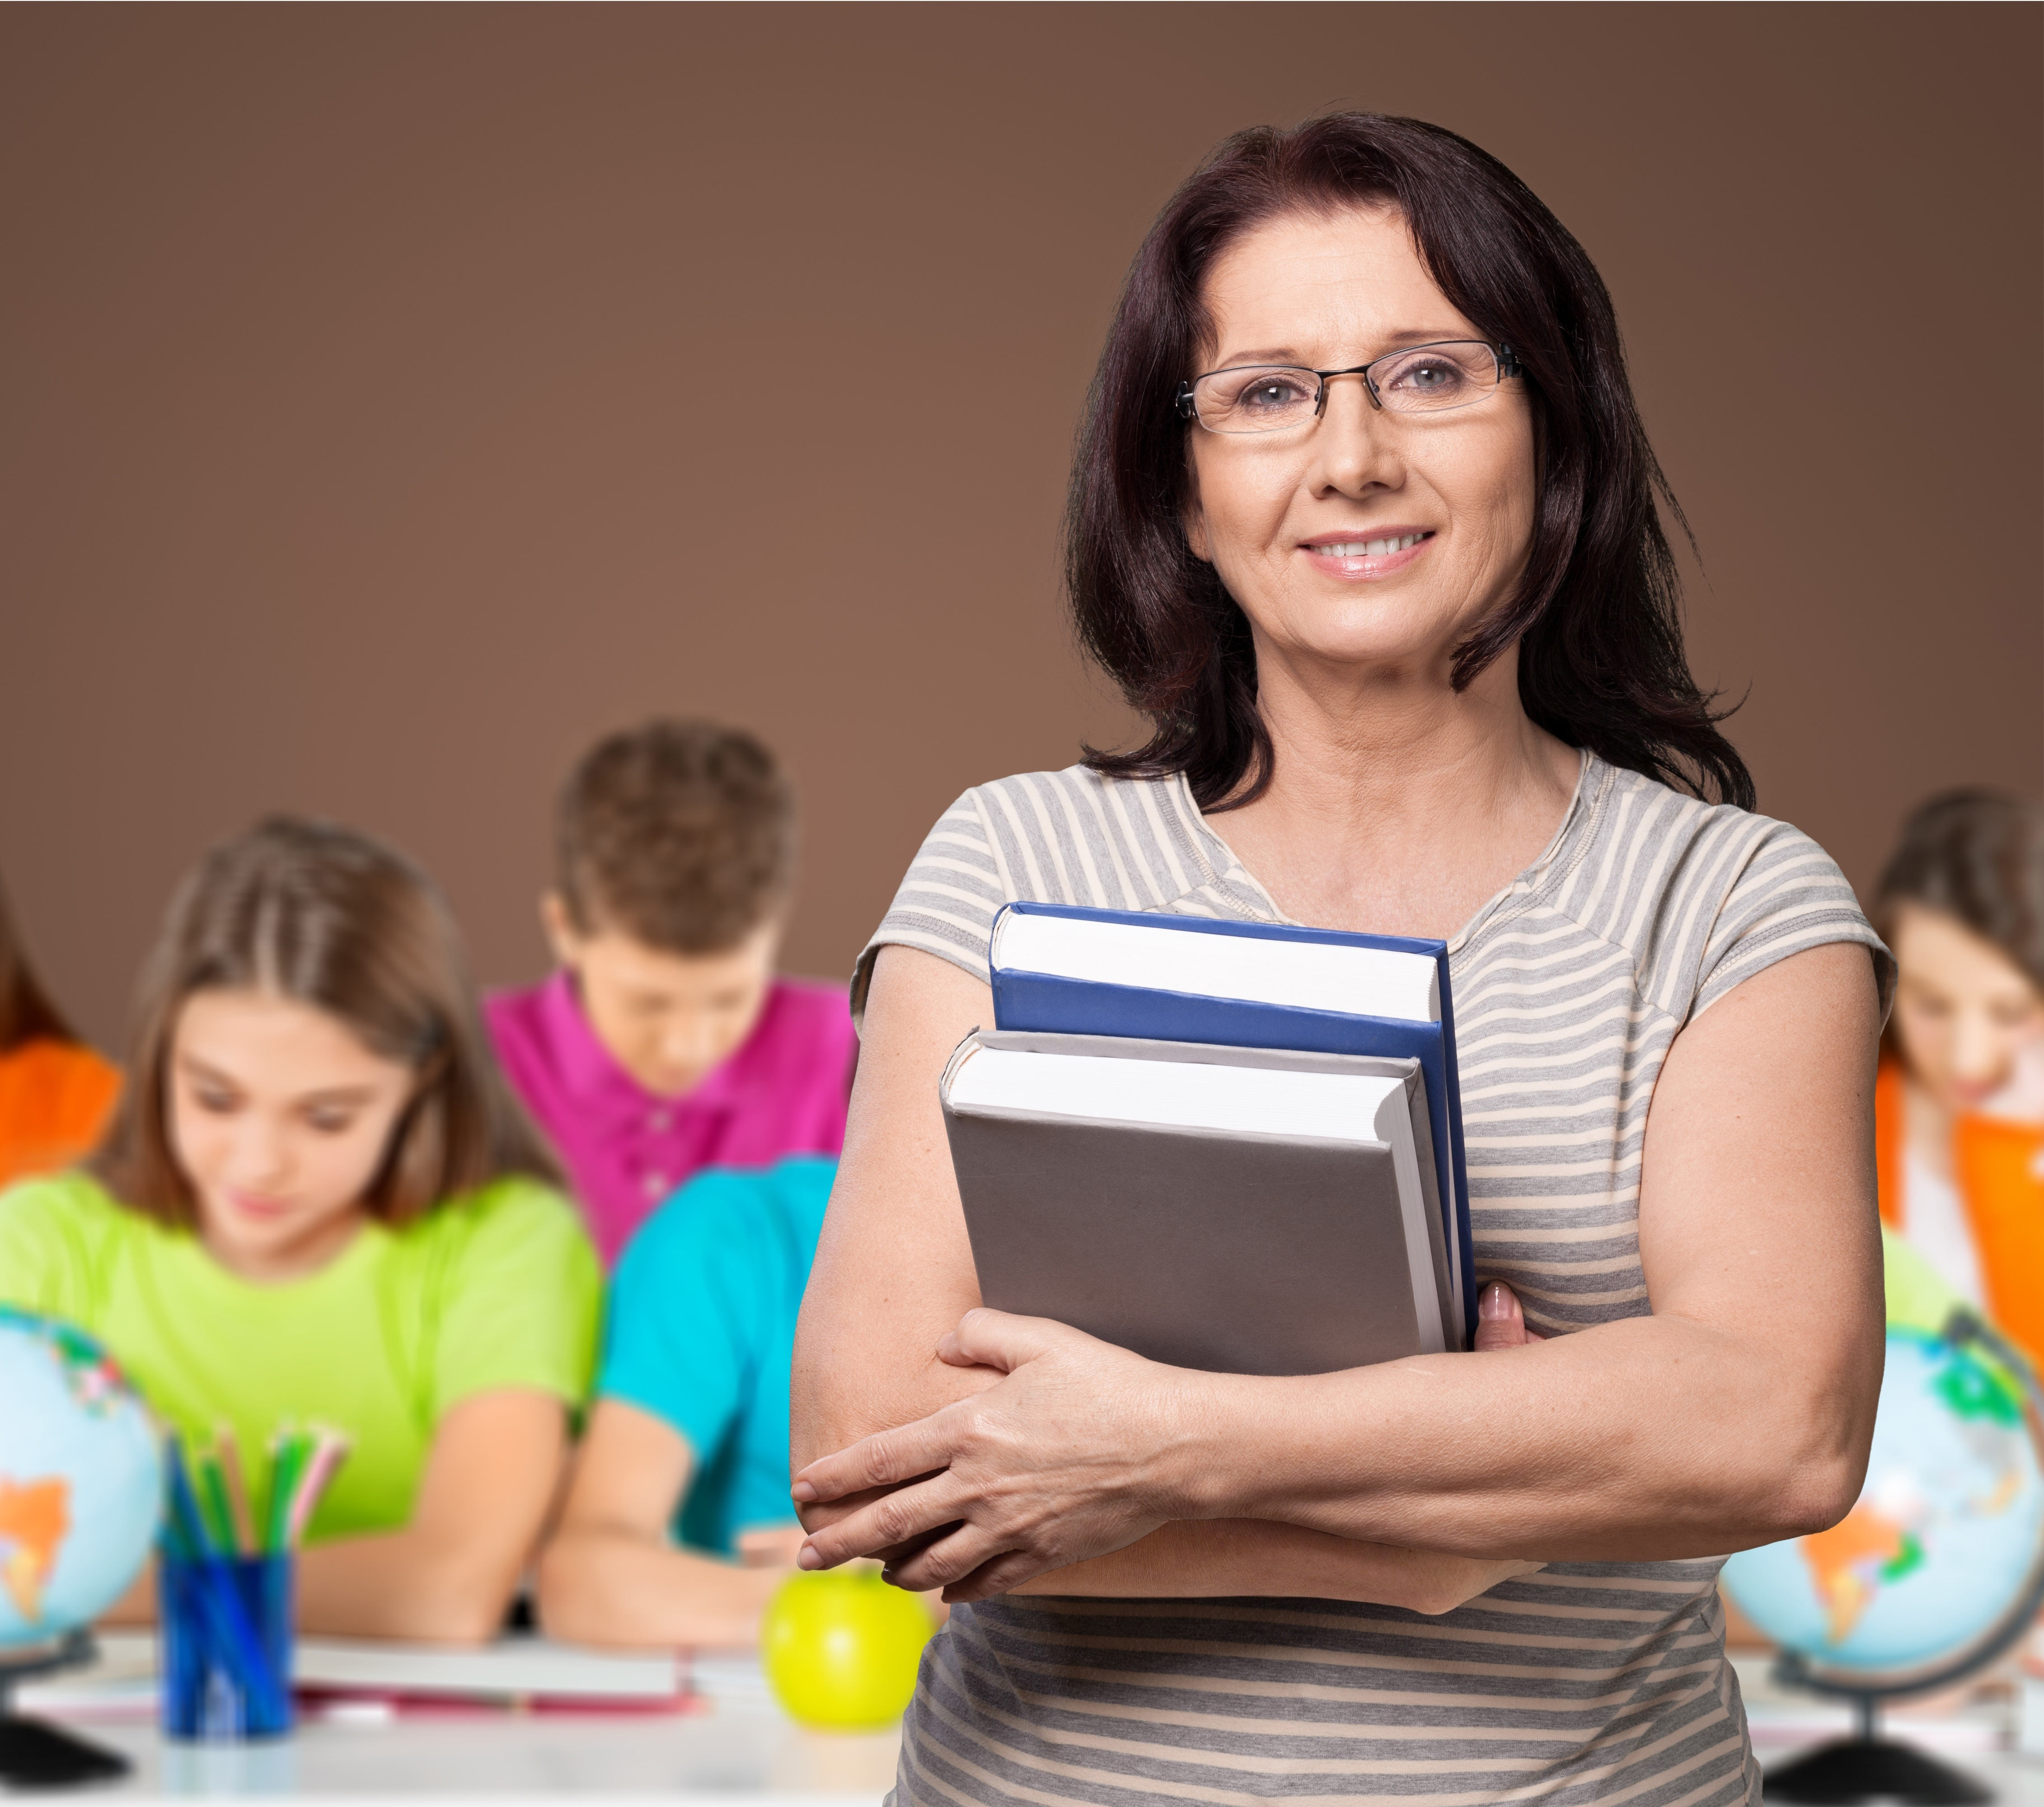 Semaine des enseignantes et des enseignants 2020